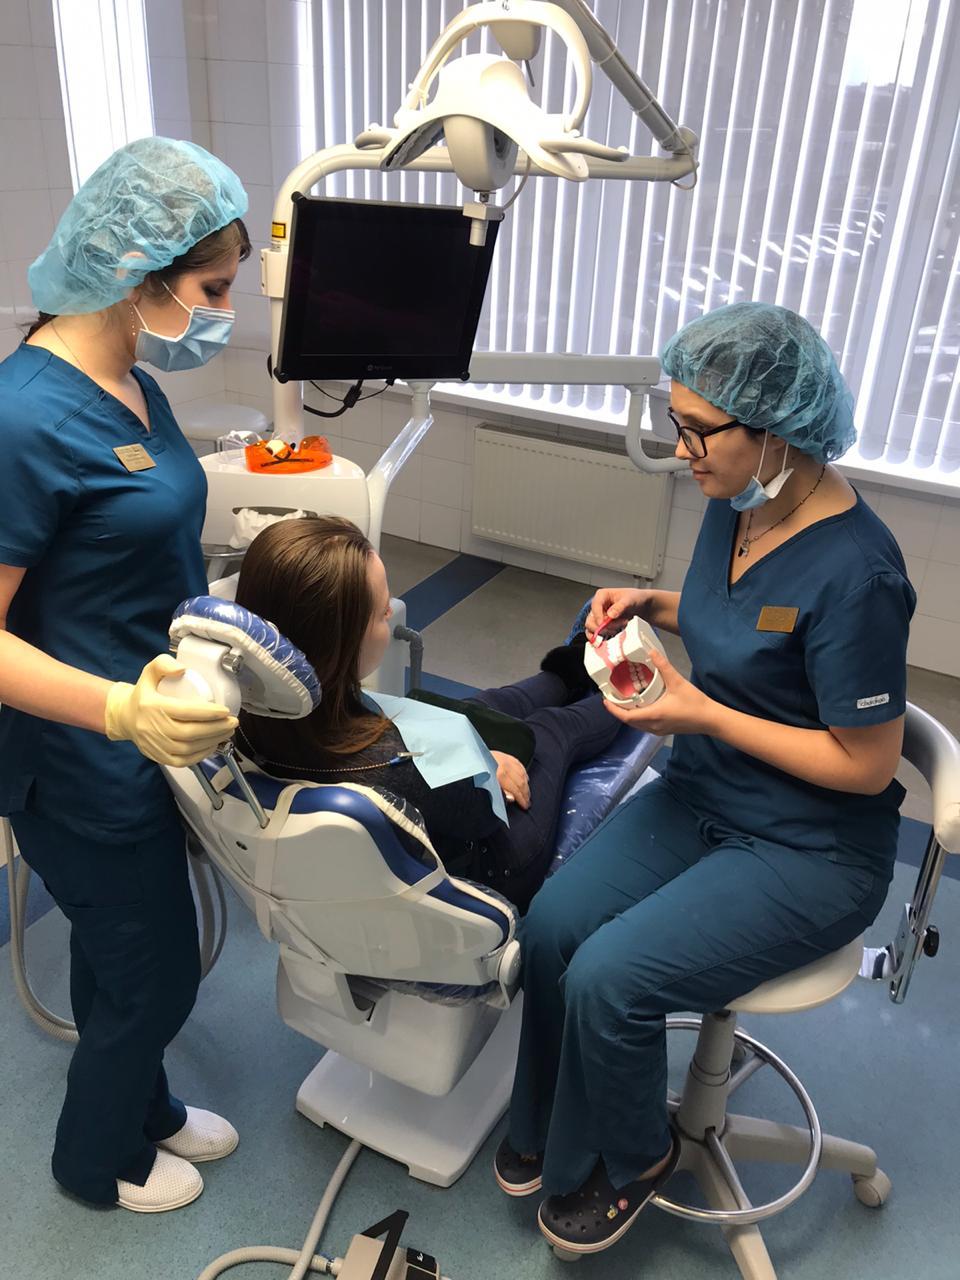 Пациент в кресле окло него врач и асссистент